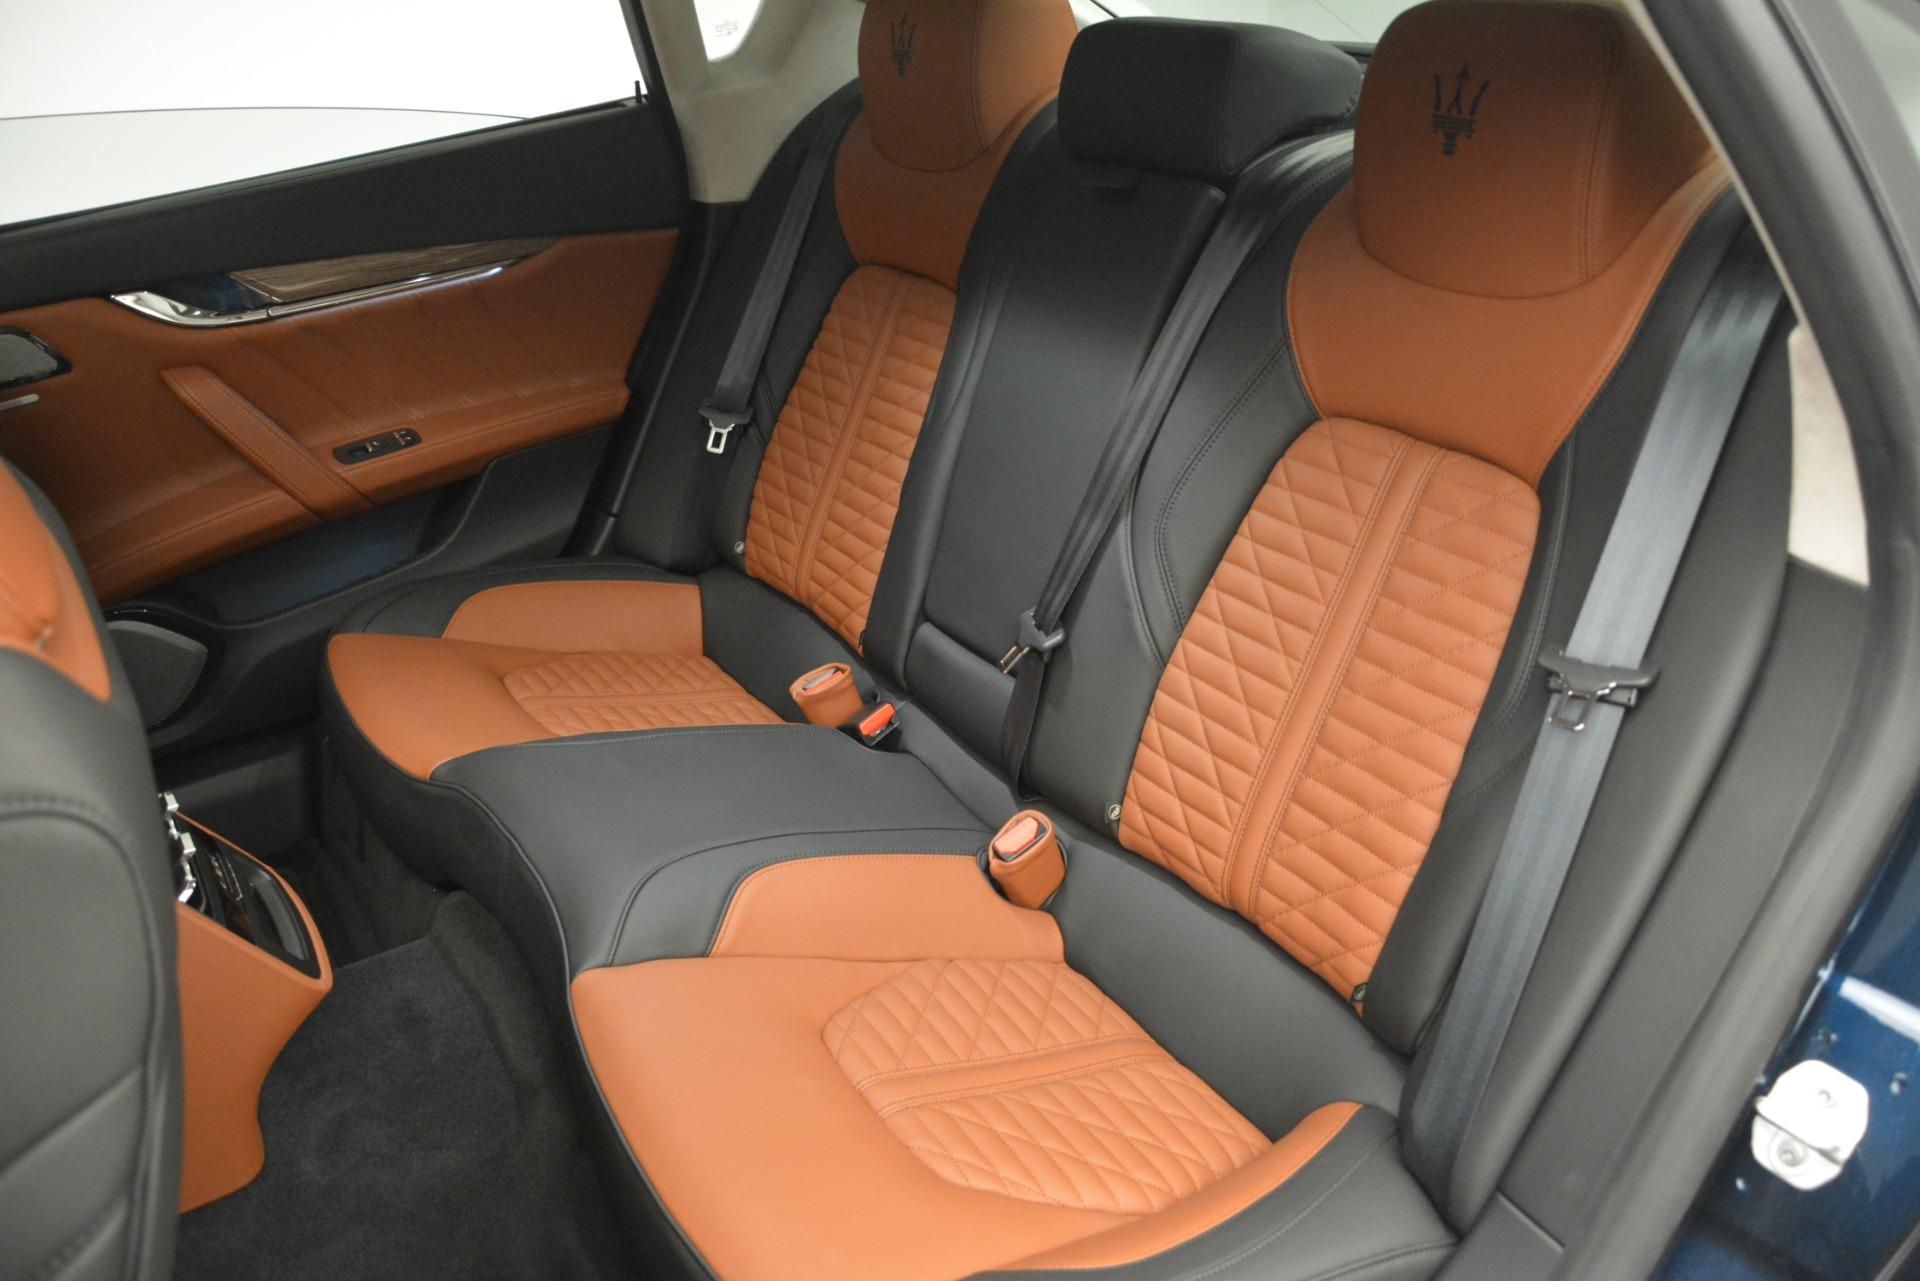 New 2019 Maserati Quattroporte S Q4 GranLusso Edizione Nobile For Sale In Greenwich, CT 2898_p22